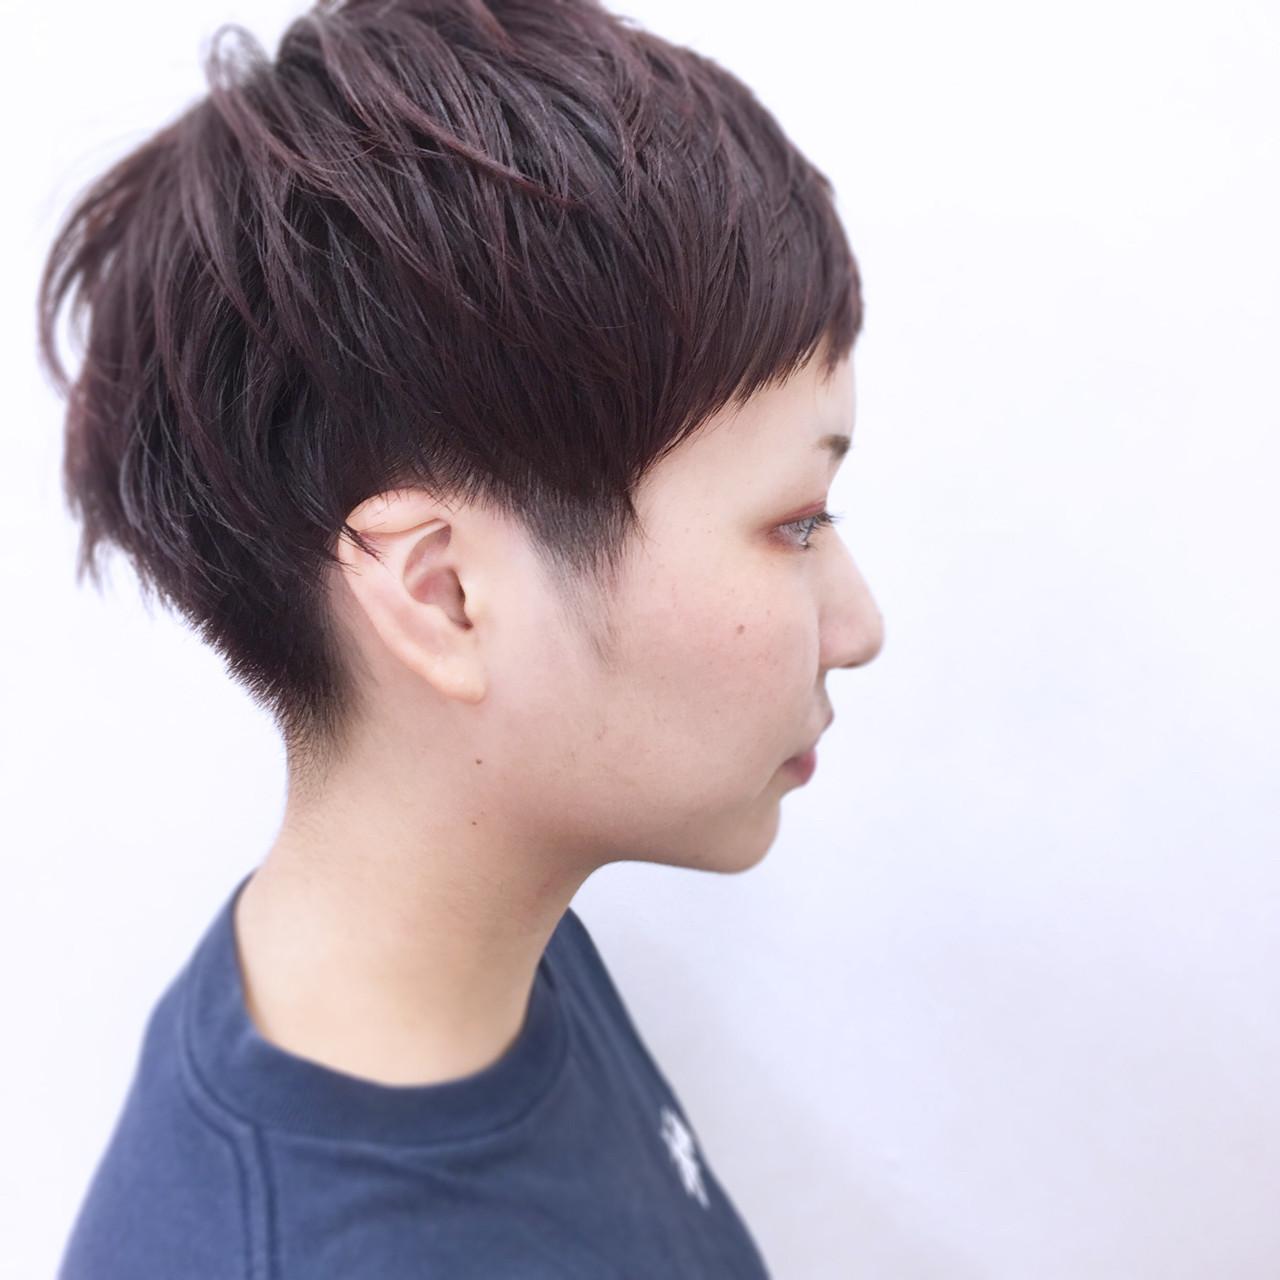 レッド 前髪あり ショート 大人かわいい ヘアスタイルや髪型の写真・画像